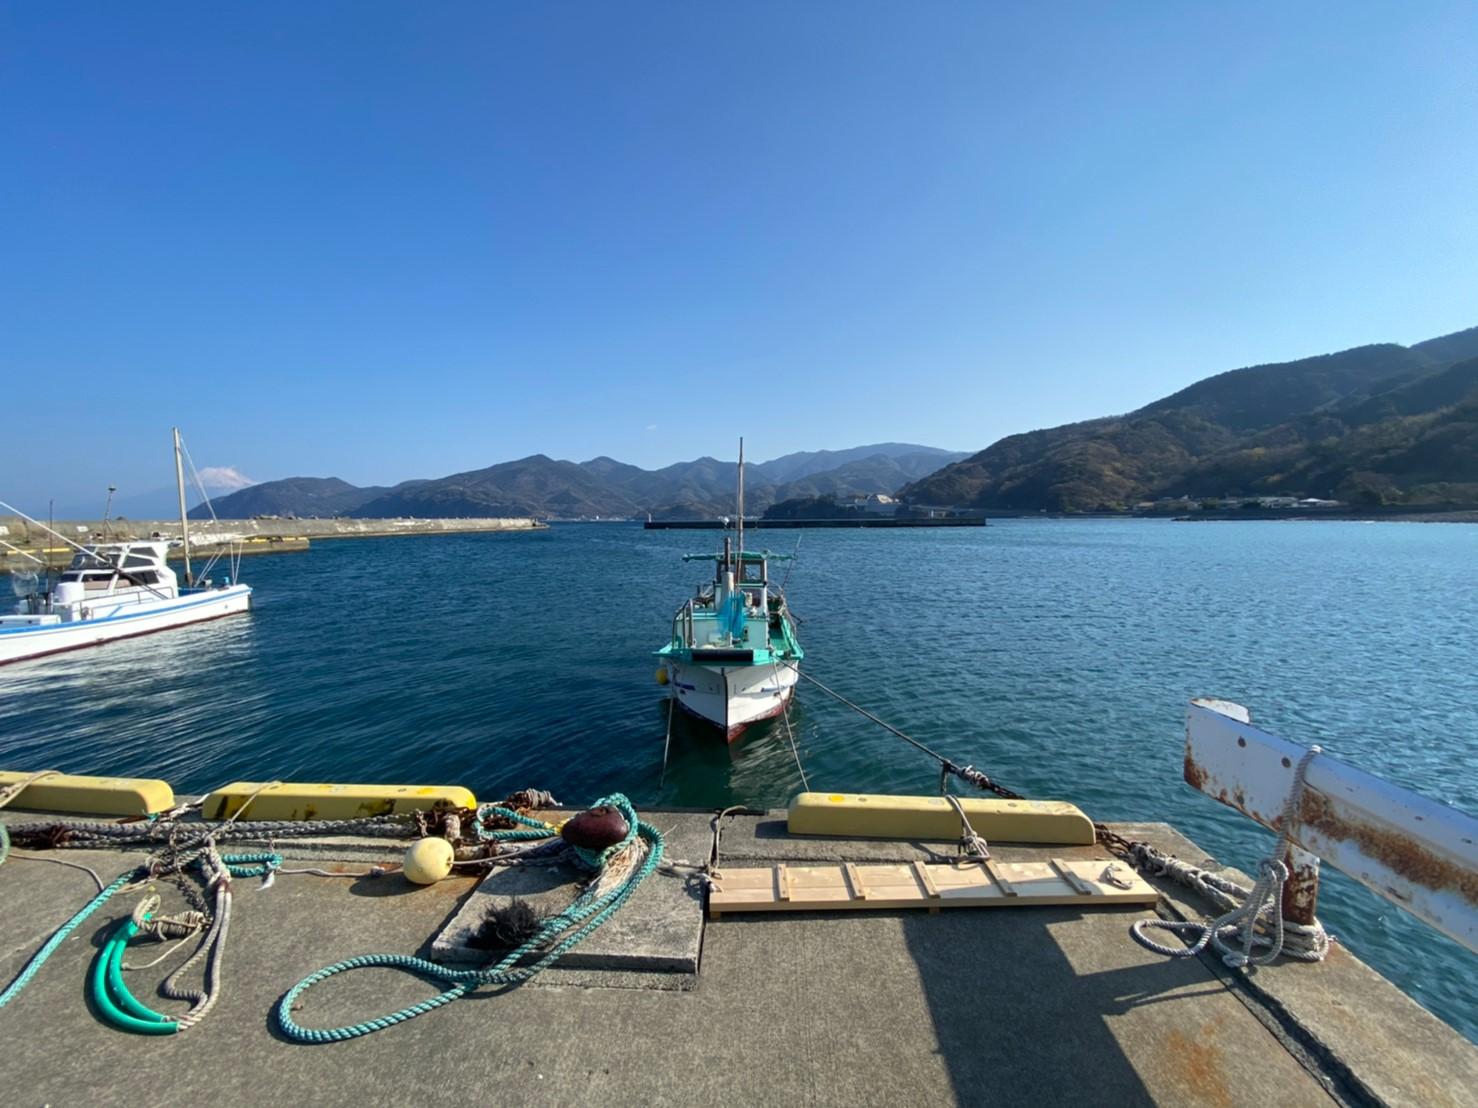 【西伊豆|伊豆市】『八木沢温泉周辺』の釣り場ガイド(釣れる魚・駐車場)